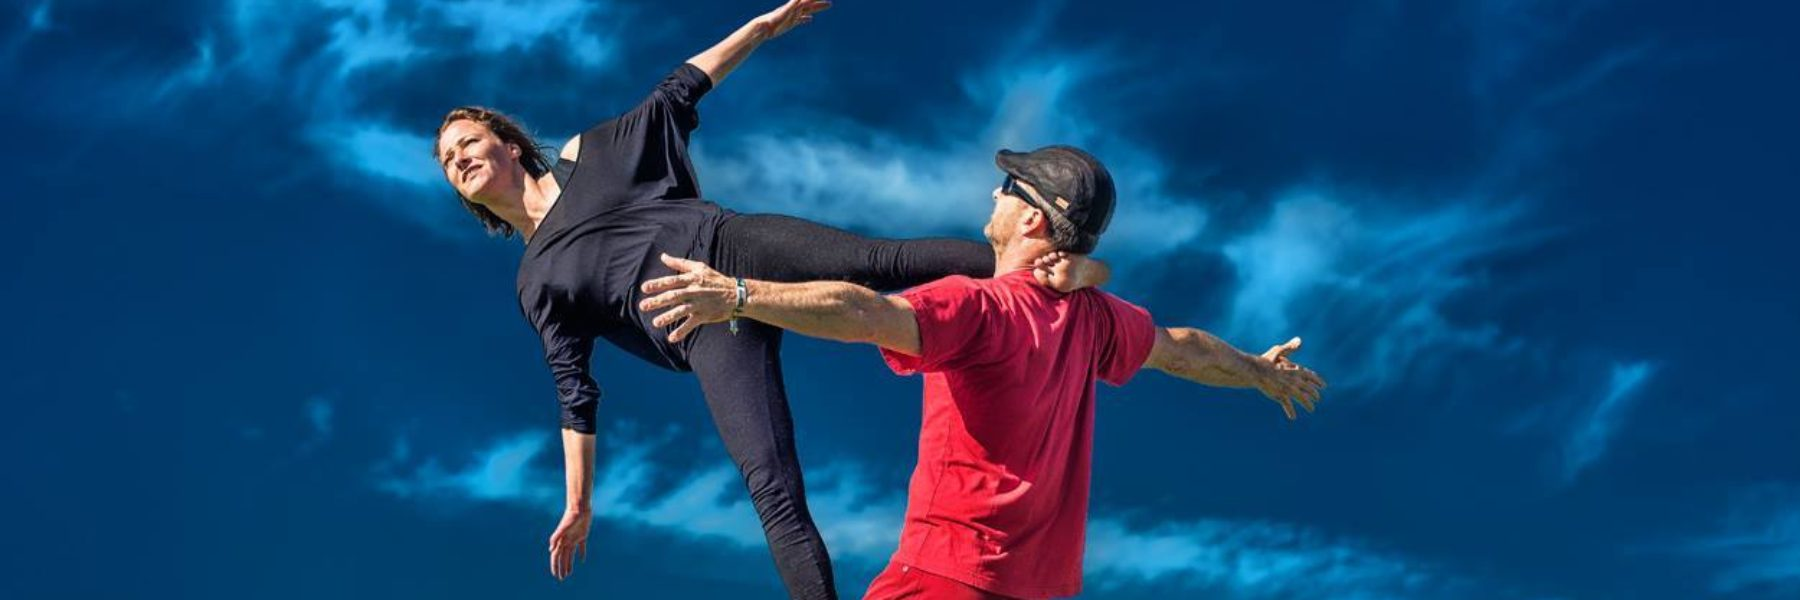 Partner yoga en acrobatiek Groningen Friesland